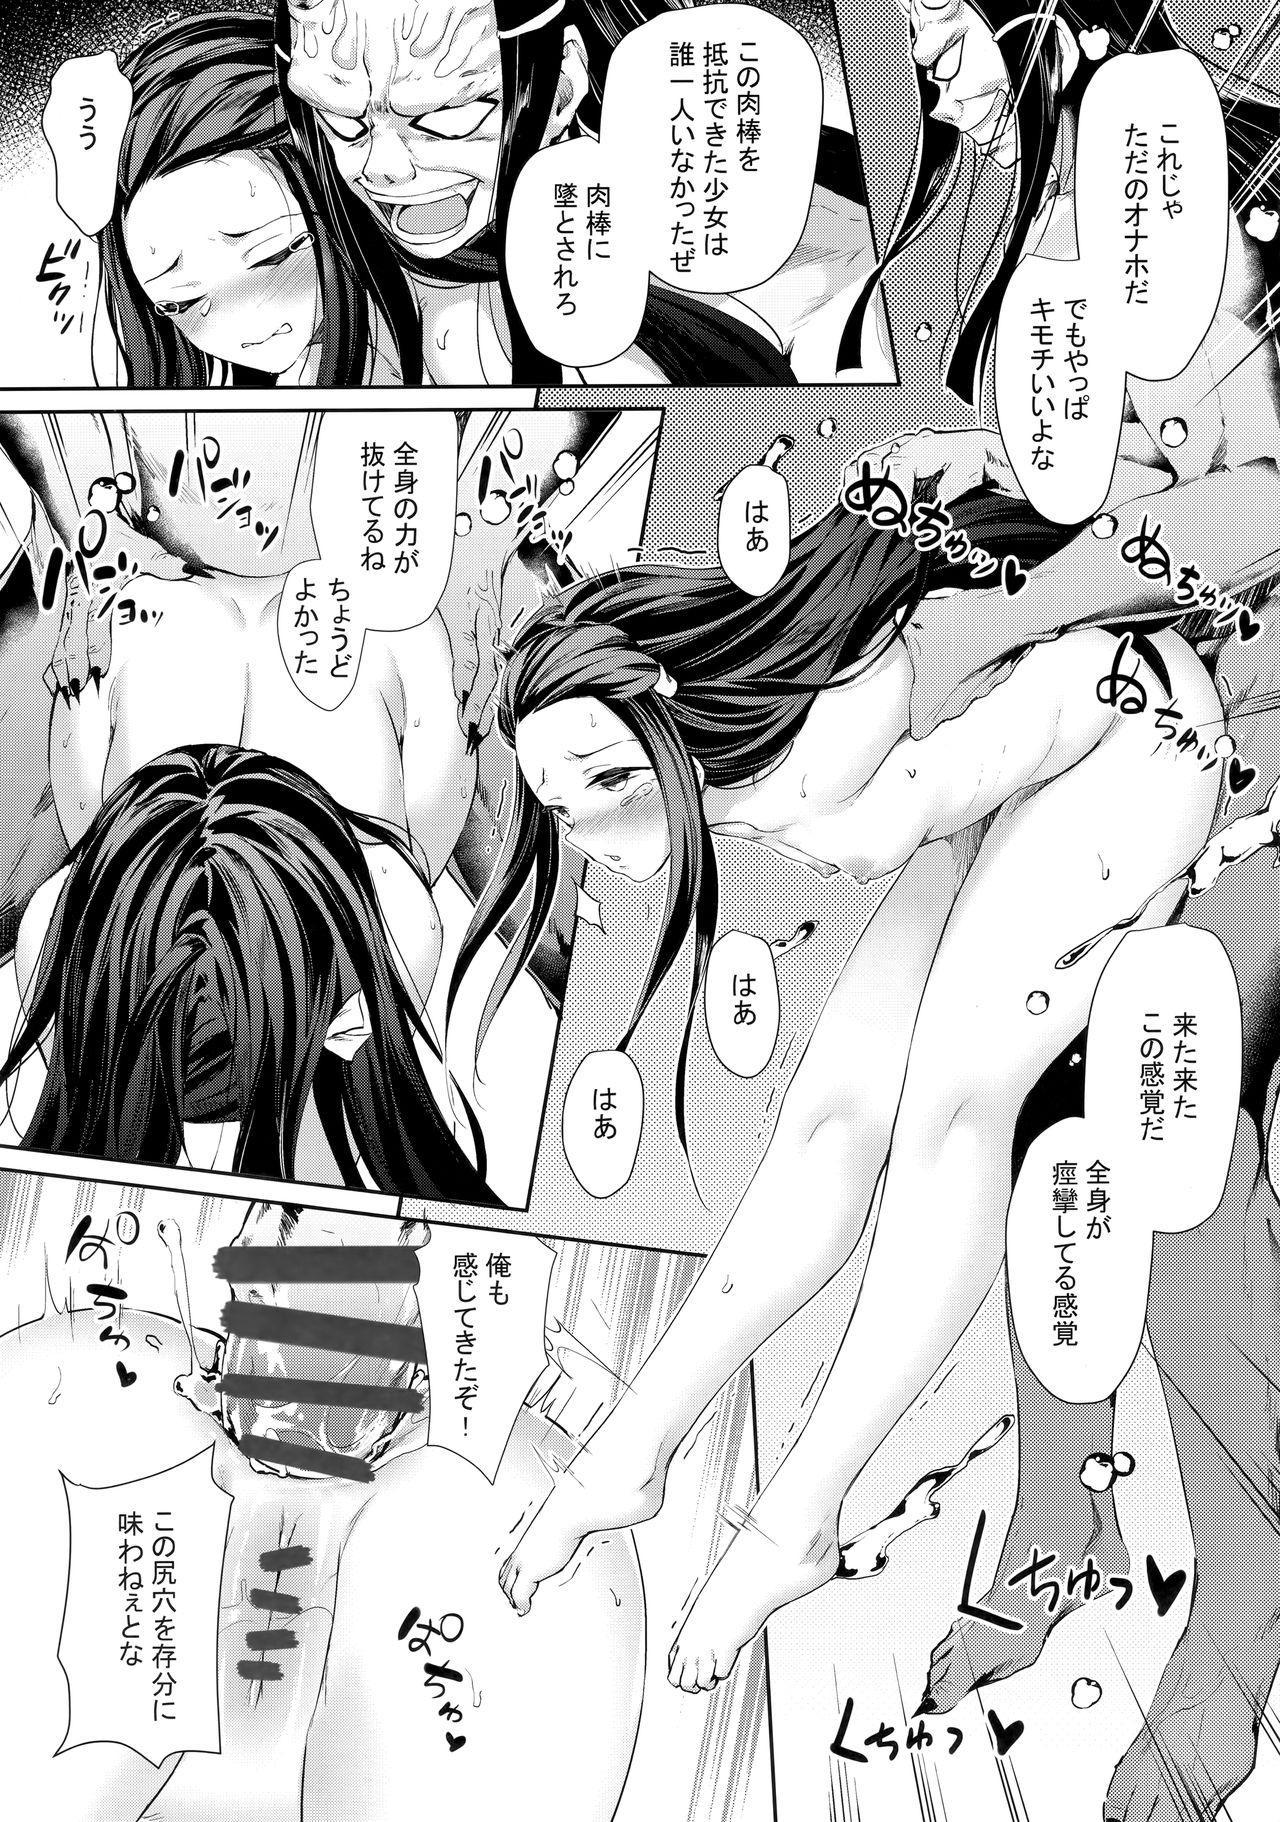 Moshi Nezuko ga Warui Hito ni Tsukamattara… 11